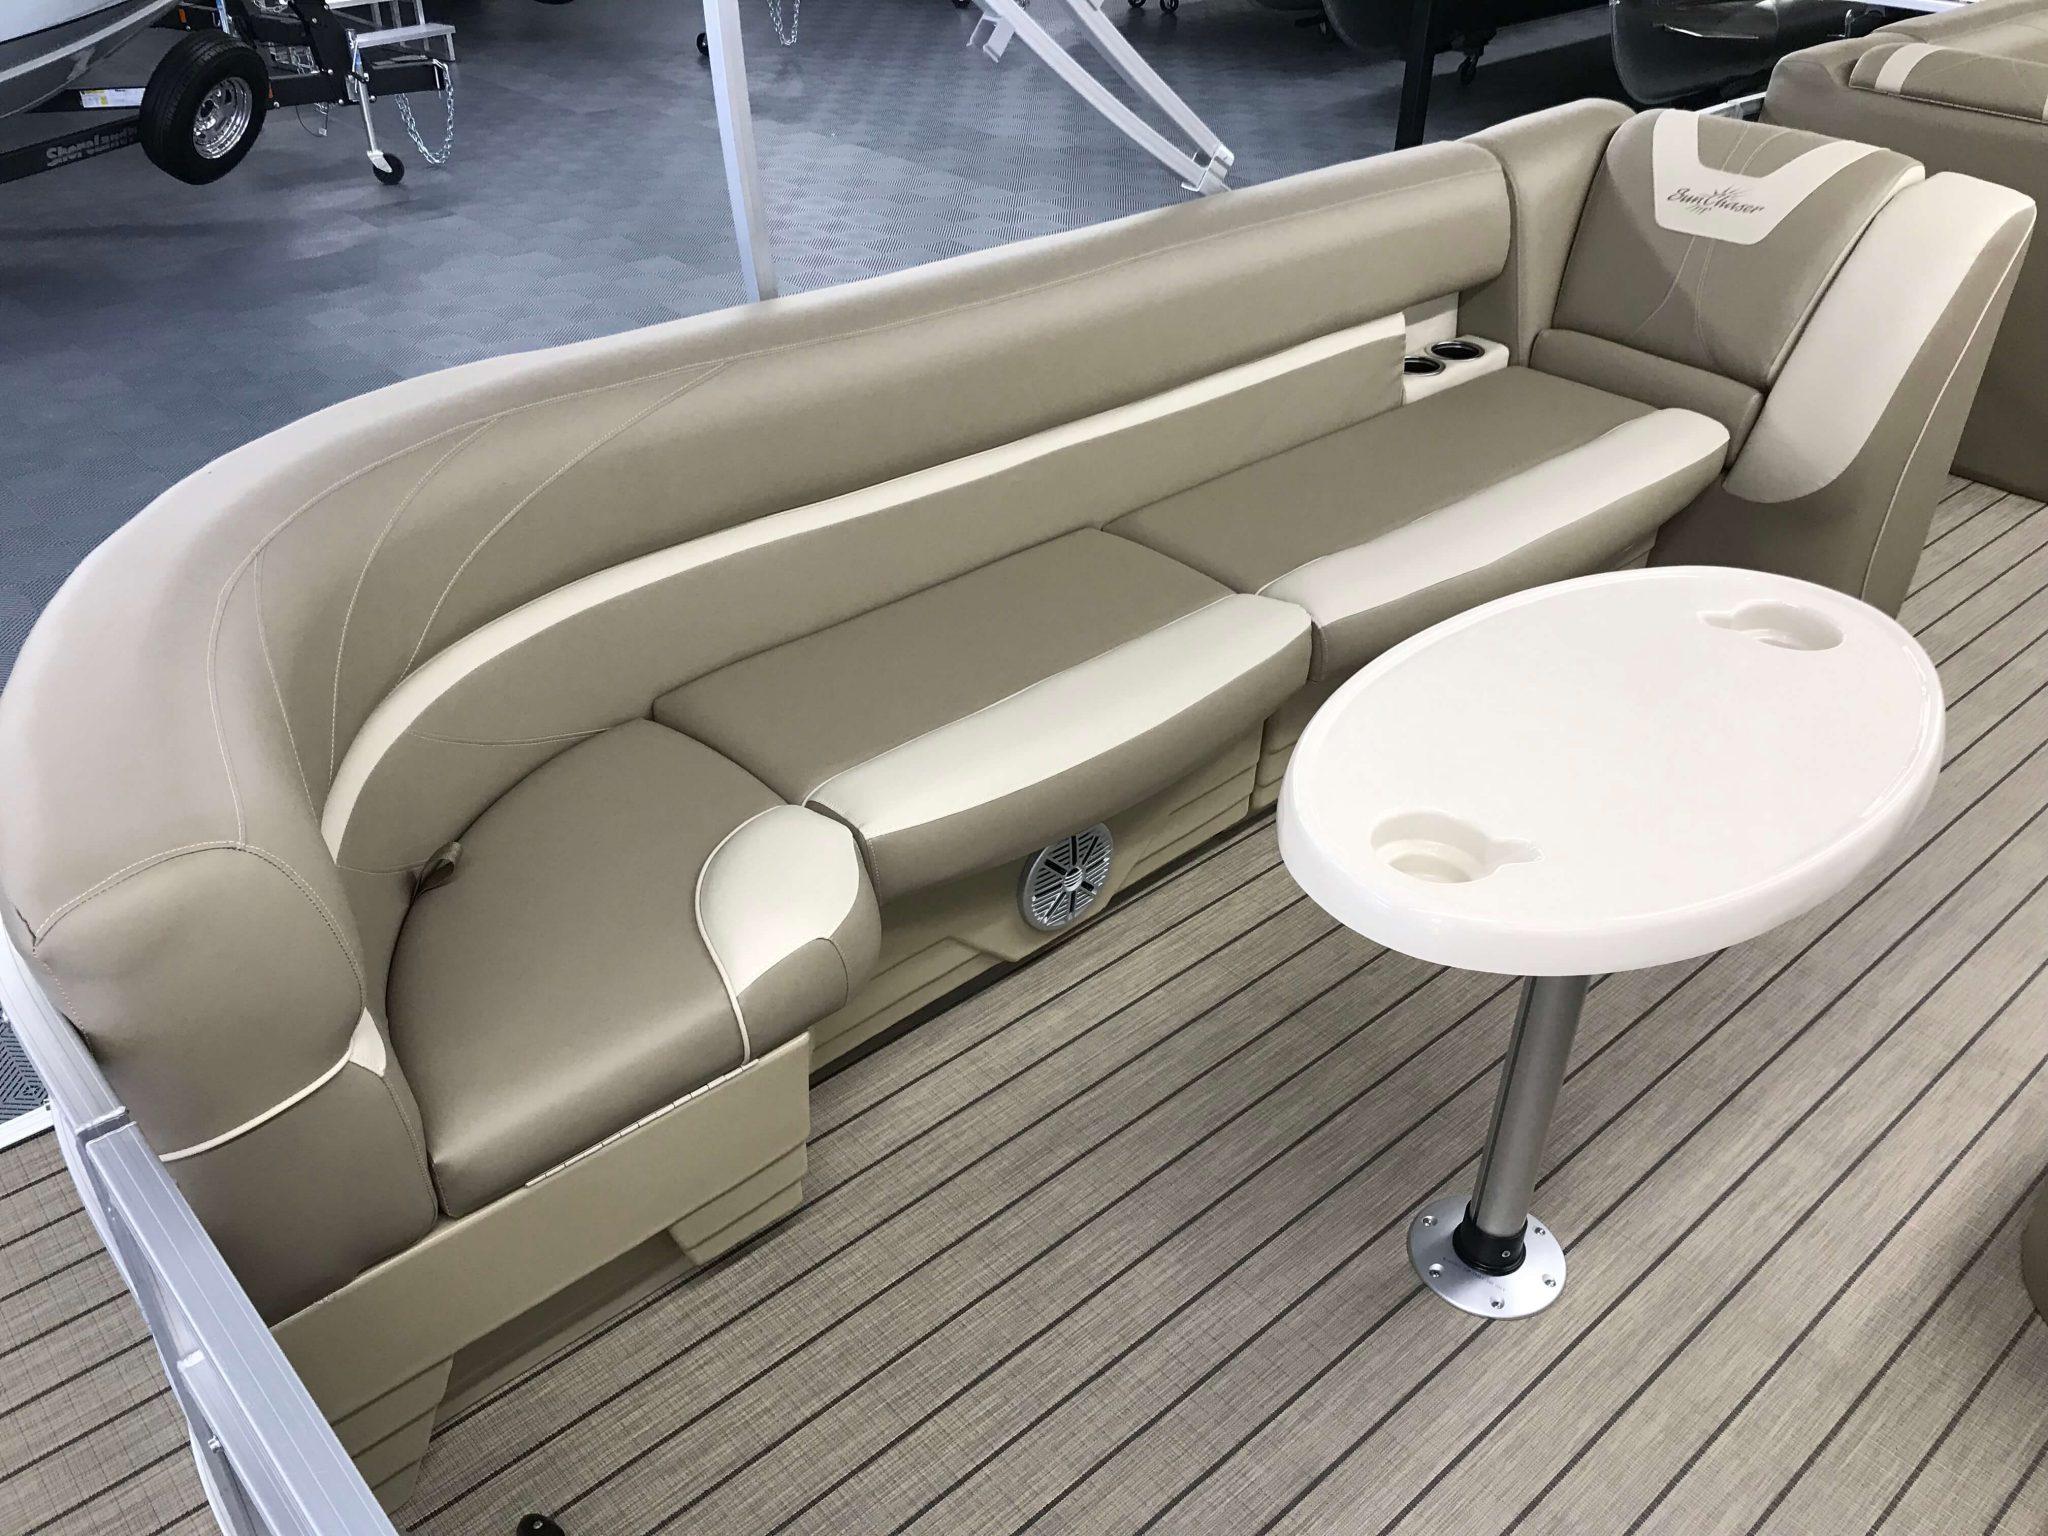 2019 SunChaser Geneva 22 LR Seating 1